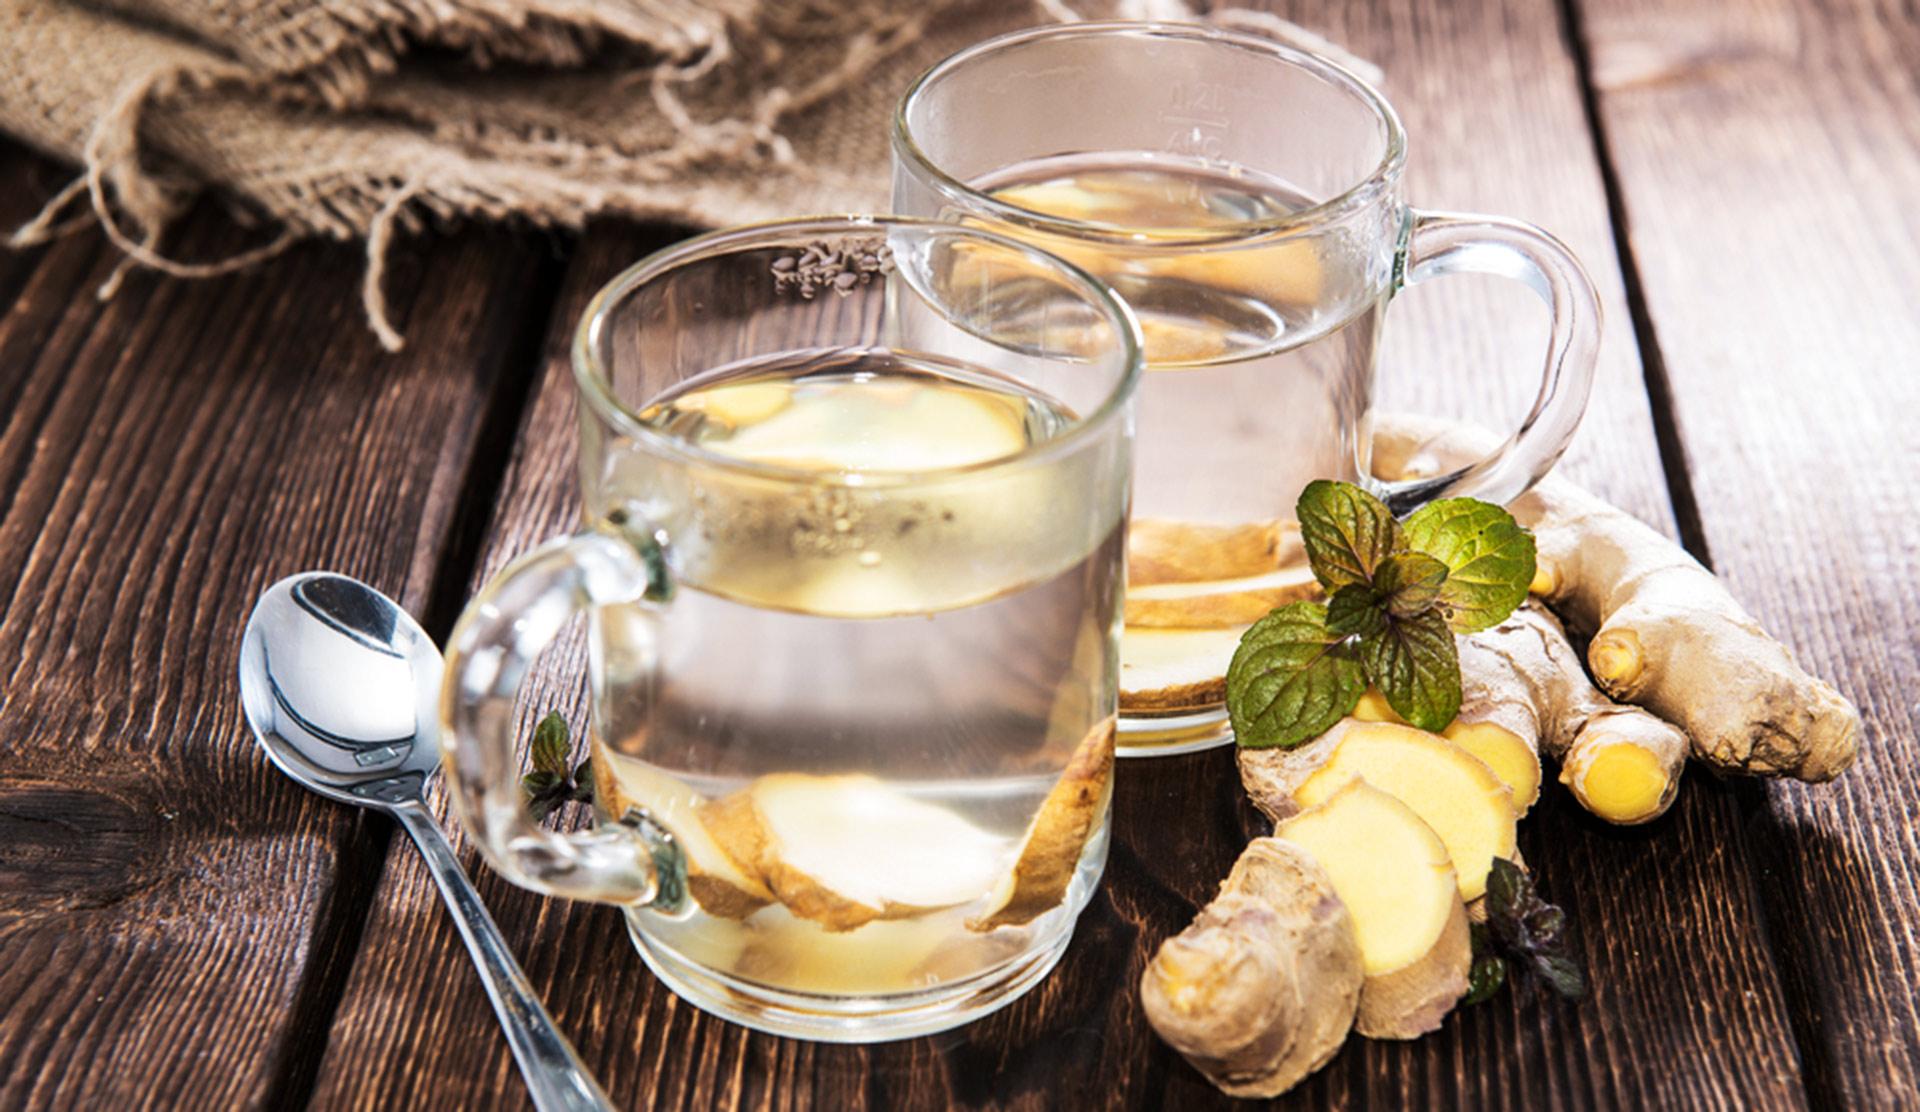 Nach den Festen kommt das Fasten: Ingwer Tee ist gesund und unterstützt die Fettverbrennung